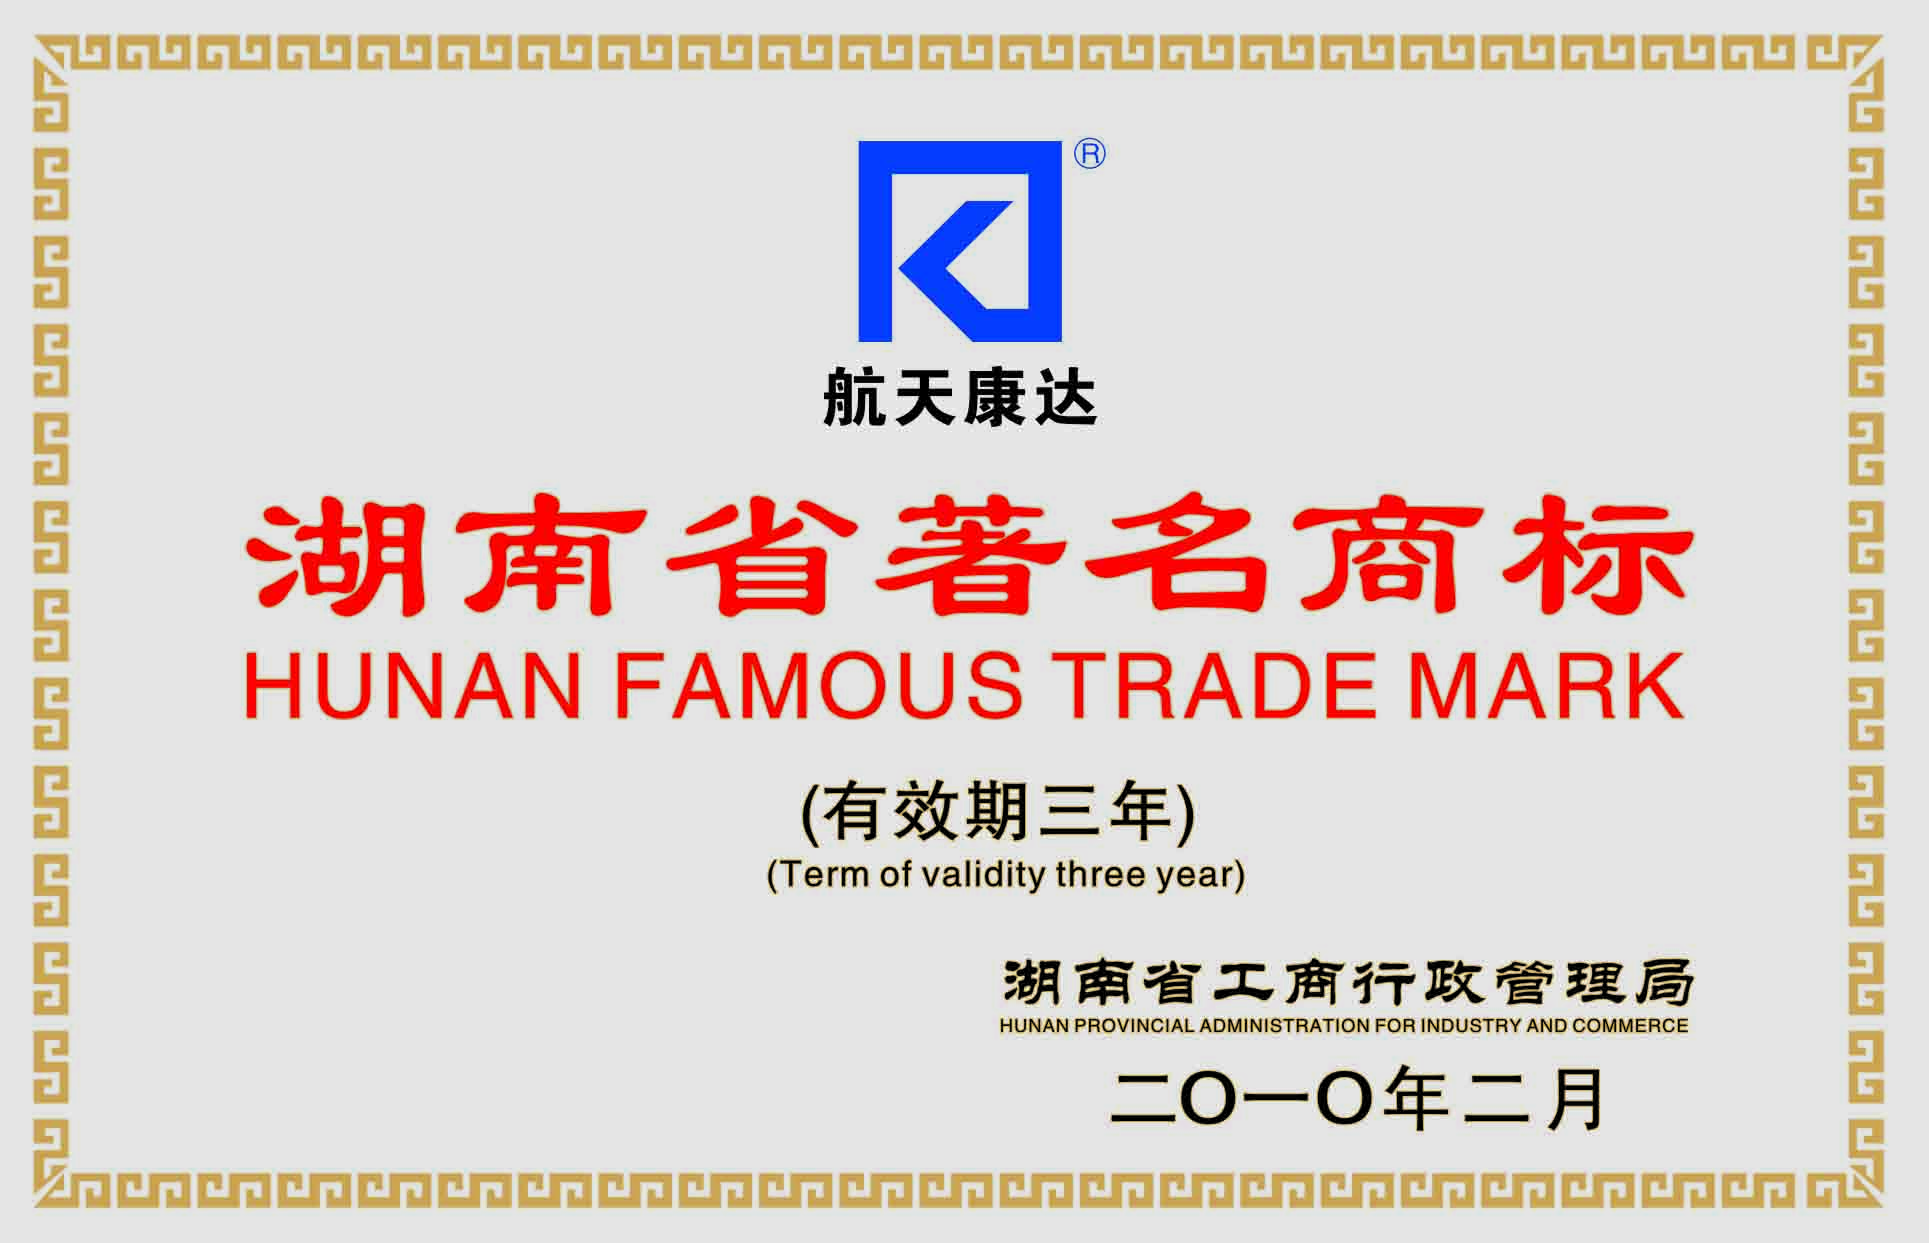 湖南省著名品牌